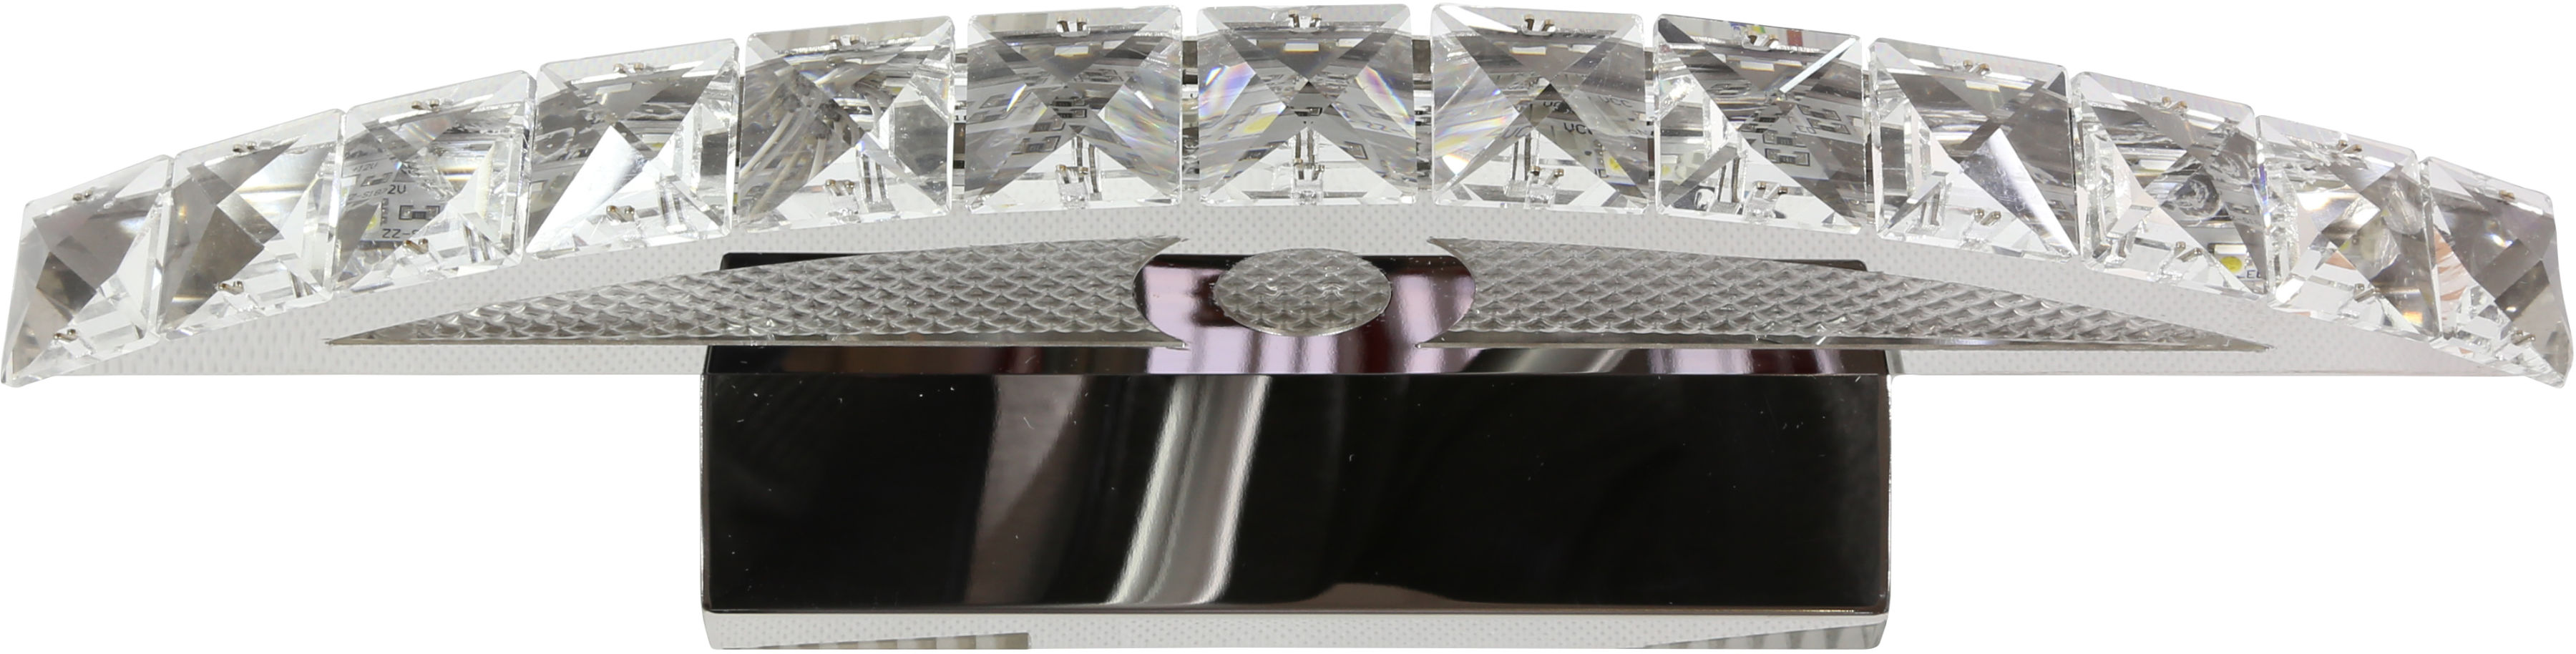 Candellux ARANDE 20-32683 kinkiet lampa ścienna kryształki chrom 8W LED 38cm